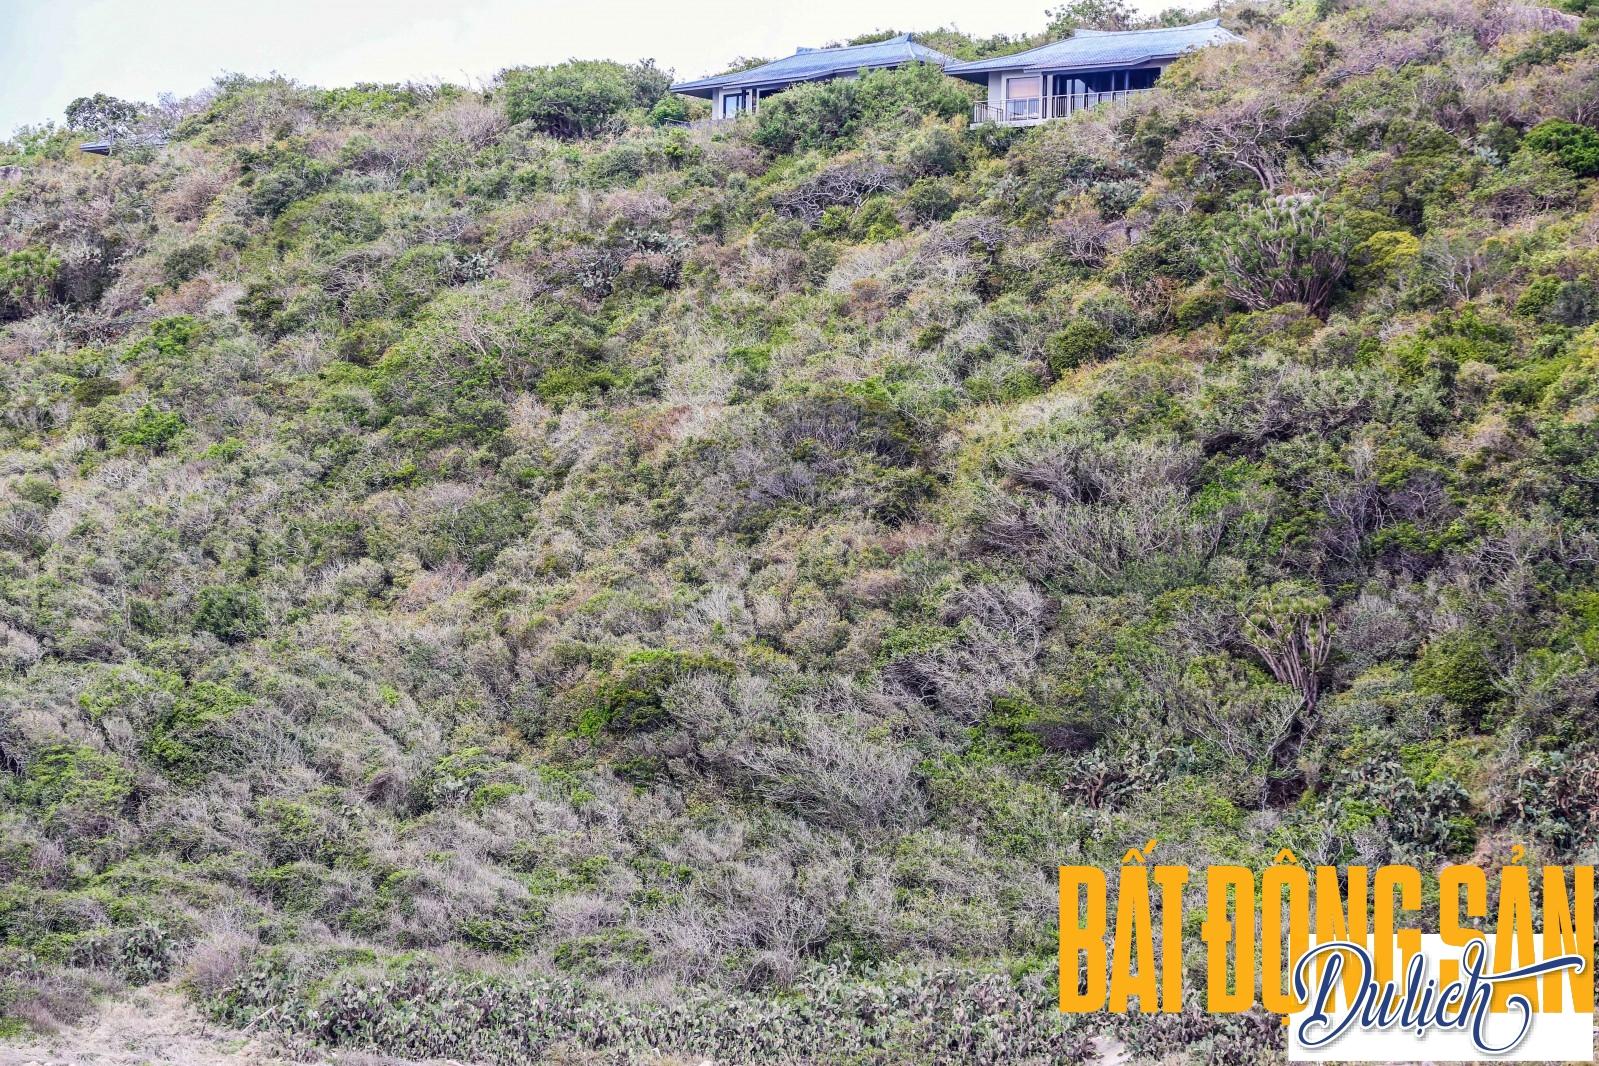 Từ tàu đáy kính lênh đênh trên vịnh Vĩnh Hy nhìn lên, Amanoi Resort ẩn hiện trên dãy núi Chúa, vì thế, nó có view vô cùng đắt giá. Mọi thứ tại Amanoi được thiết kế với gu thẩm mỹ tinh tế và thông minh thế nên nó có mức giá cao nhất là 100 triệu, rẻ nhất cũng cỡ gần 14 triệu cho một đêm lưu trú tại resort.